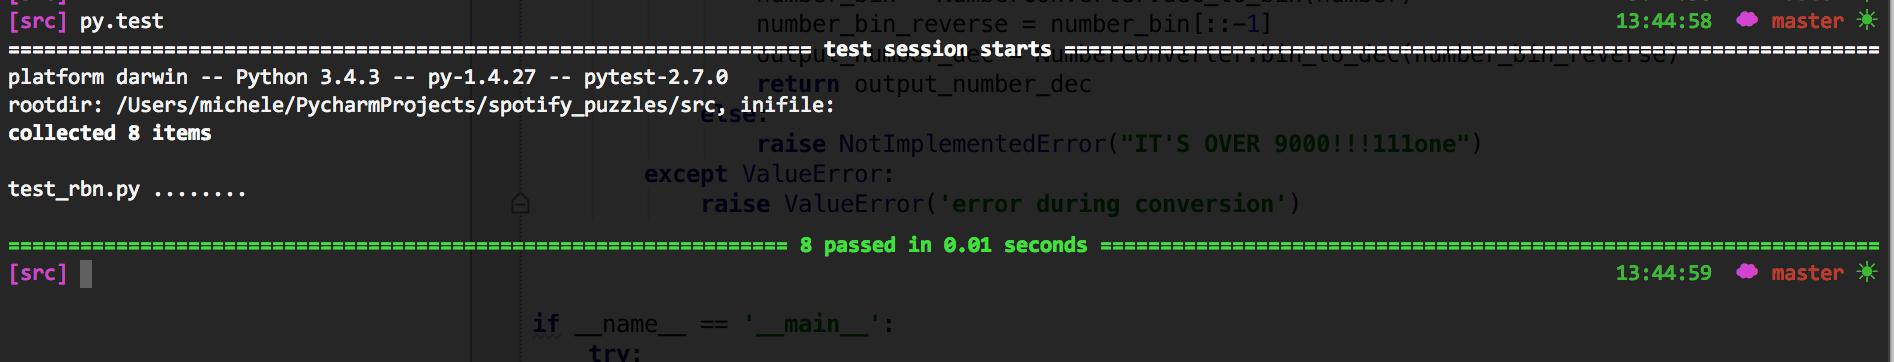 py.test